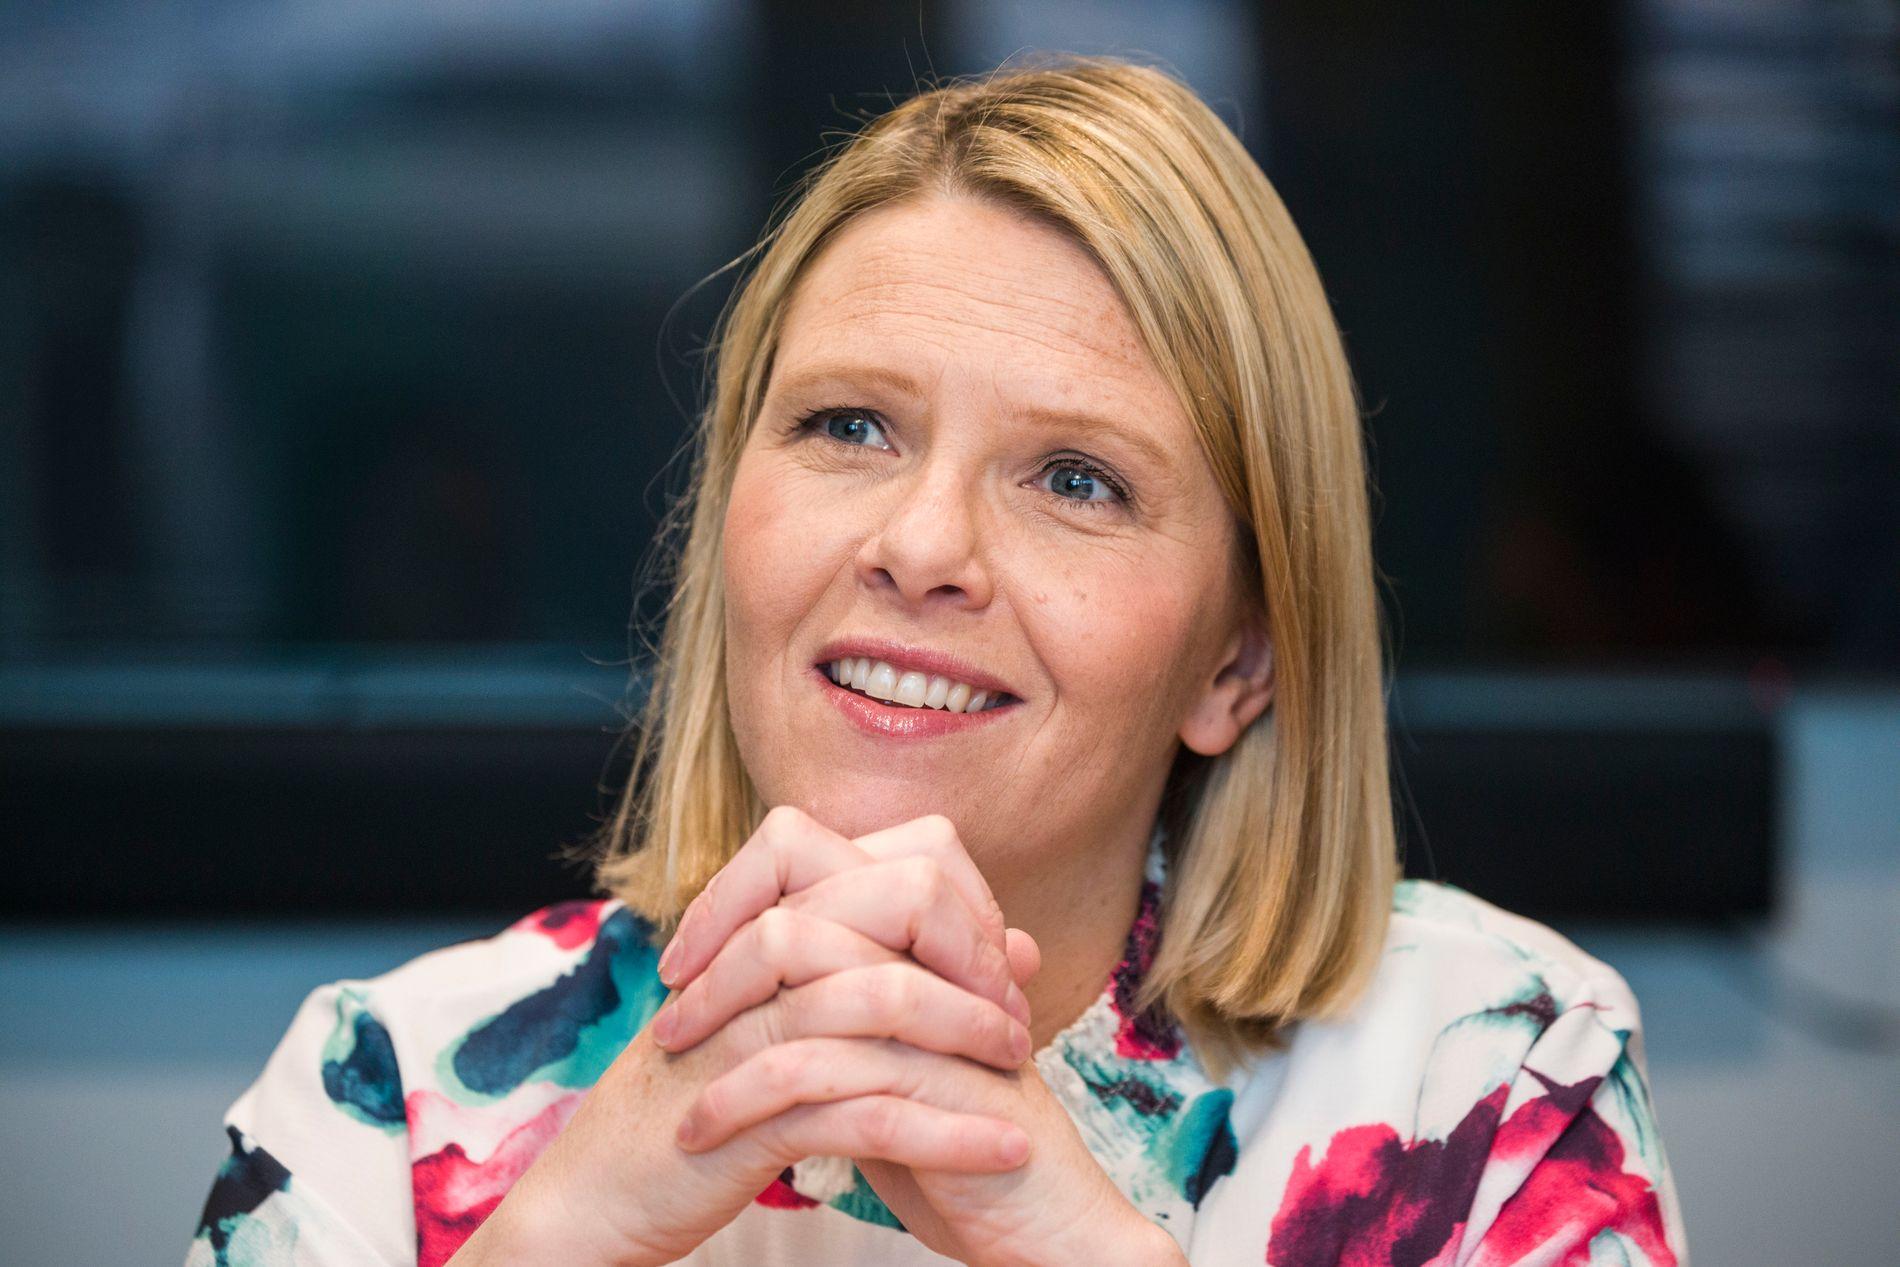 Justisminister Sylvi Listhaugs påstand om at Arbeiderpartiet bryr seg mer om terroristenes rettigheter enn om nasjonens sikkerhet er et selvopptatt forsøk på å konsolidere egen maktbase.